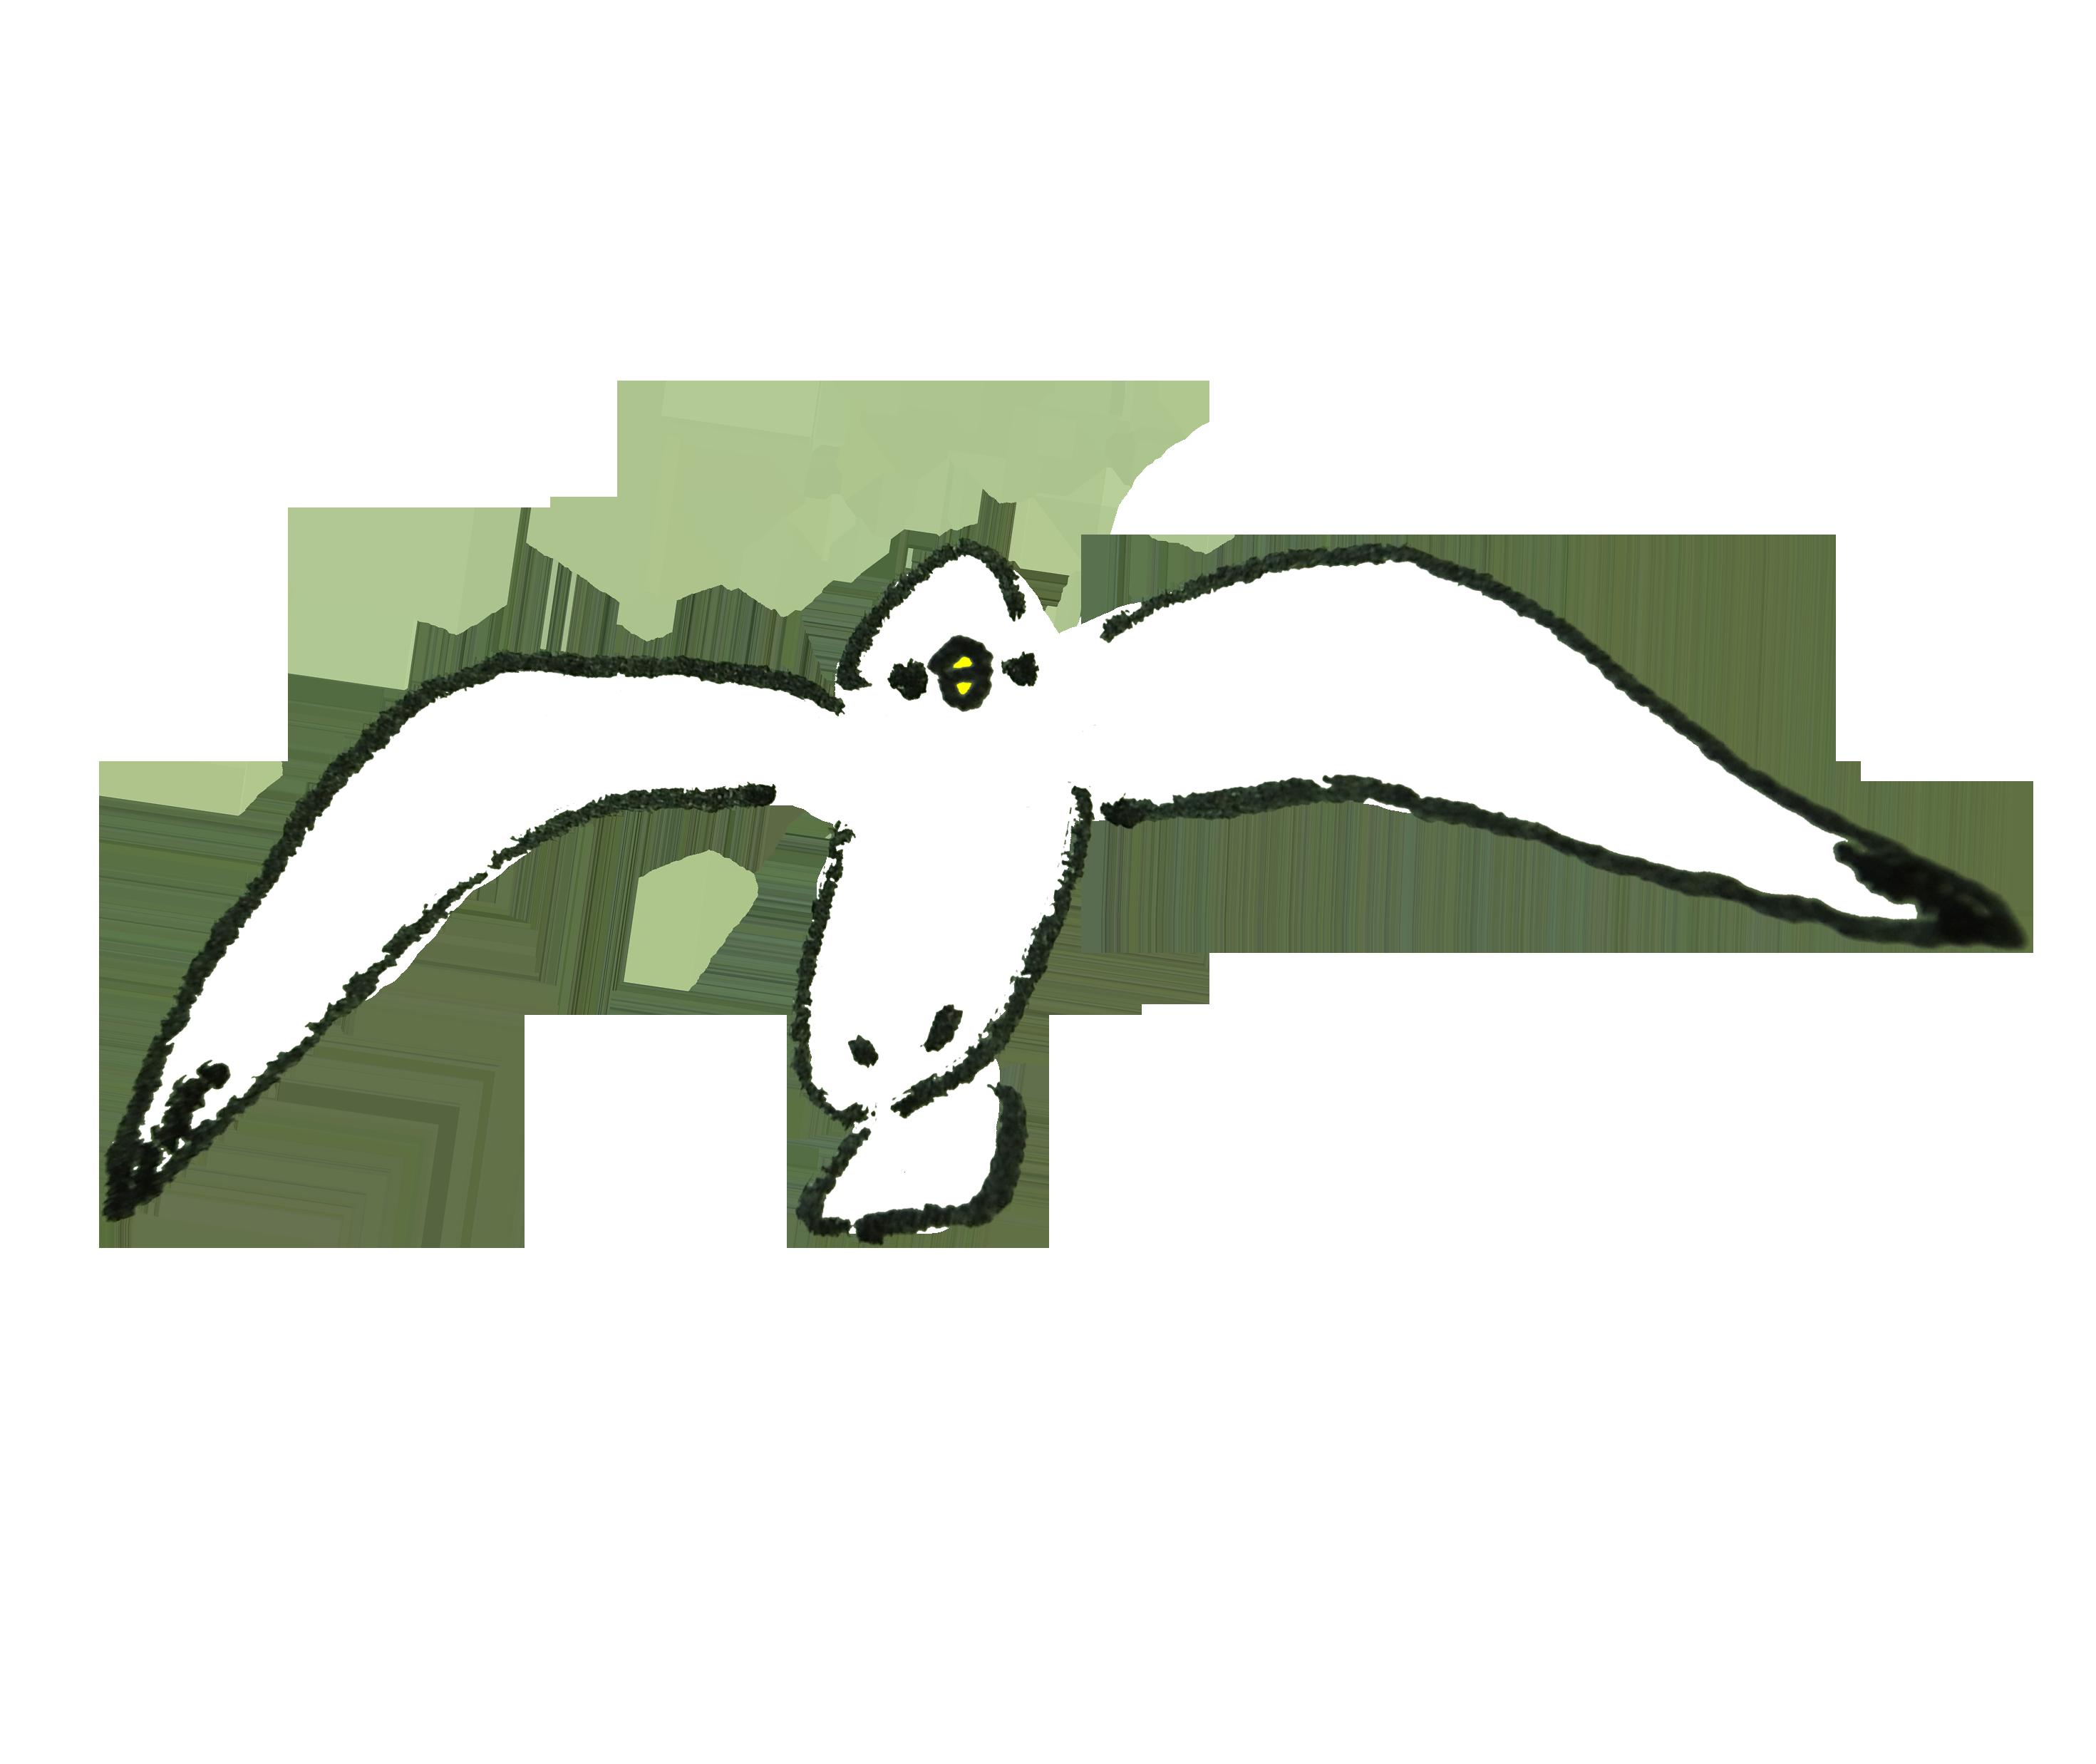 正面向いて飛ぶカモメのイラスト ゆるくてかわいい無料イラスト素材屋